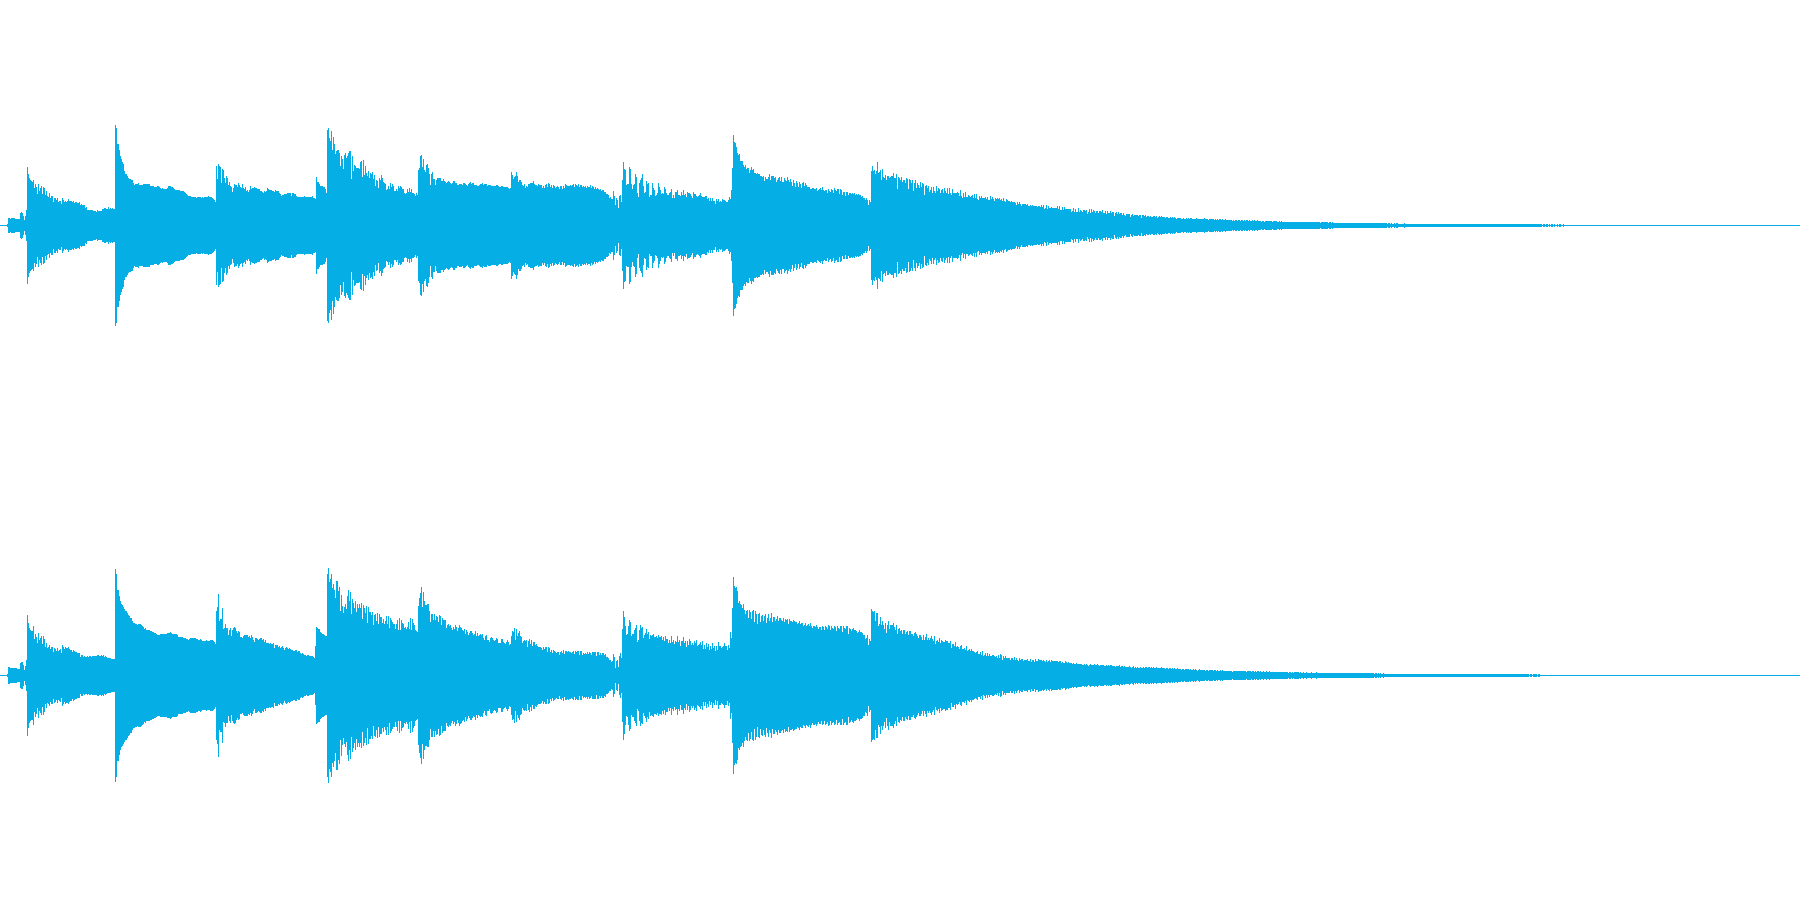 優しいエレピ音のジングルの再生済みの波形